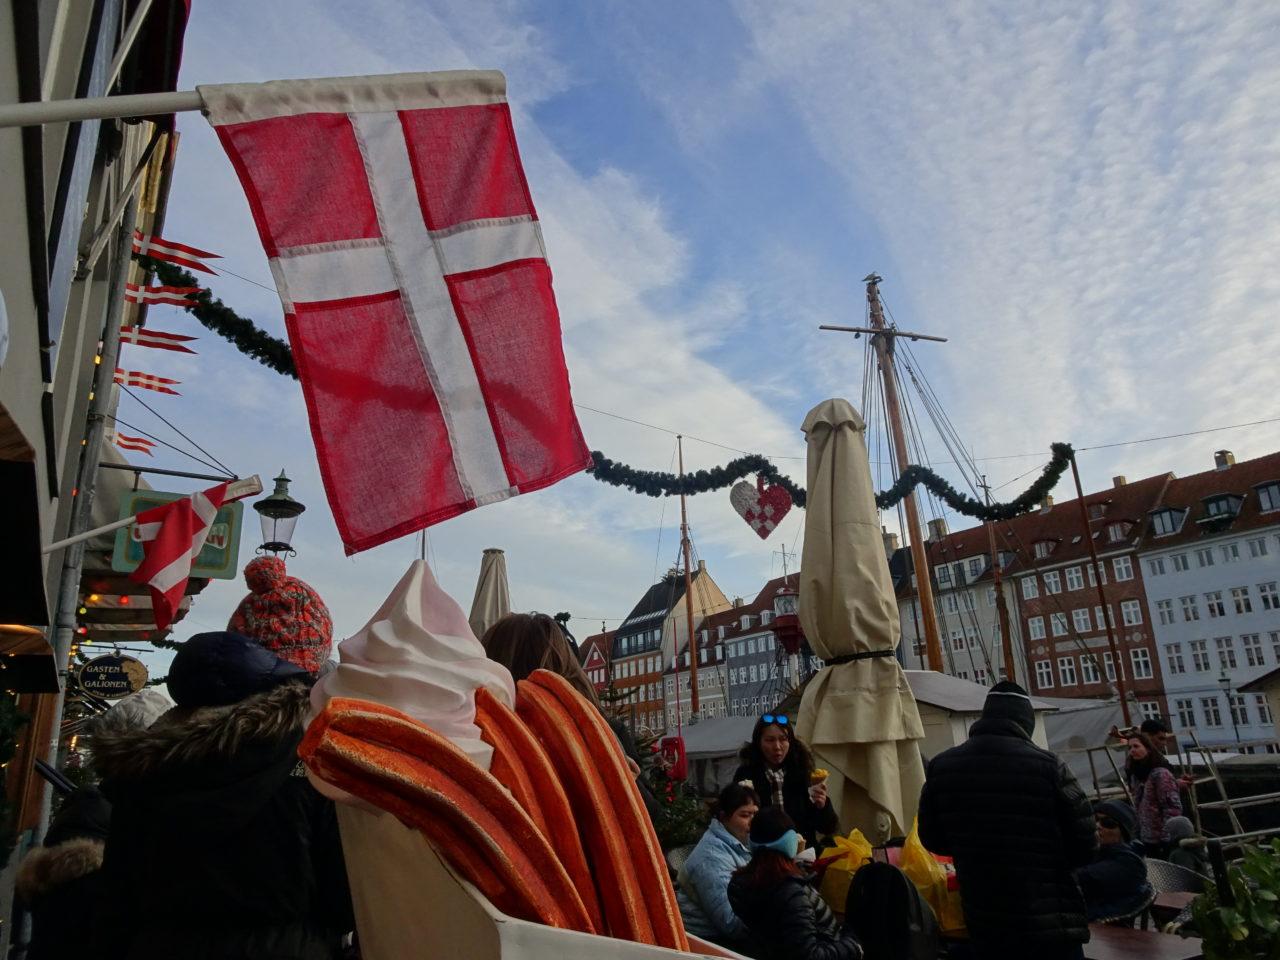 コペンハーゲン・Nyhavnのチュロス屋さんの入り口にて